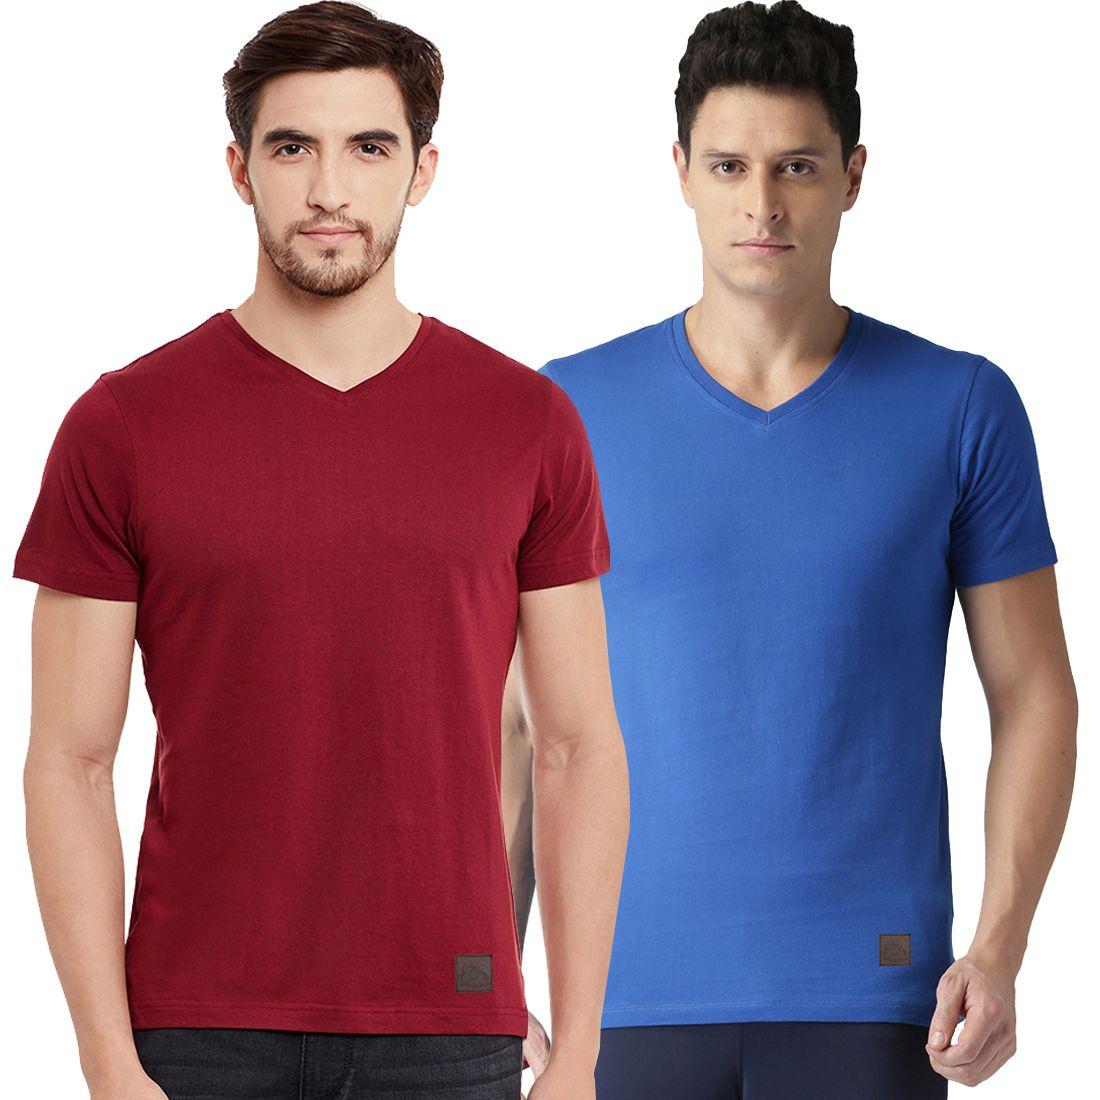 Polo Nation Multi V-Neck T-Shirt Pack of 2